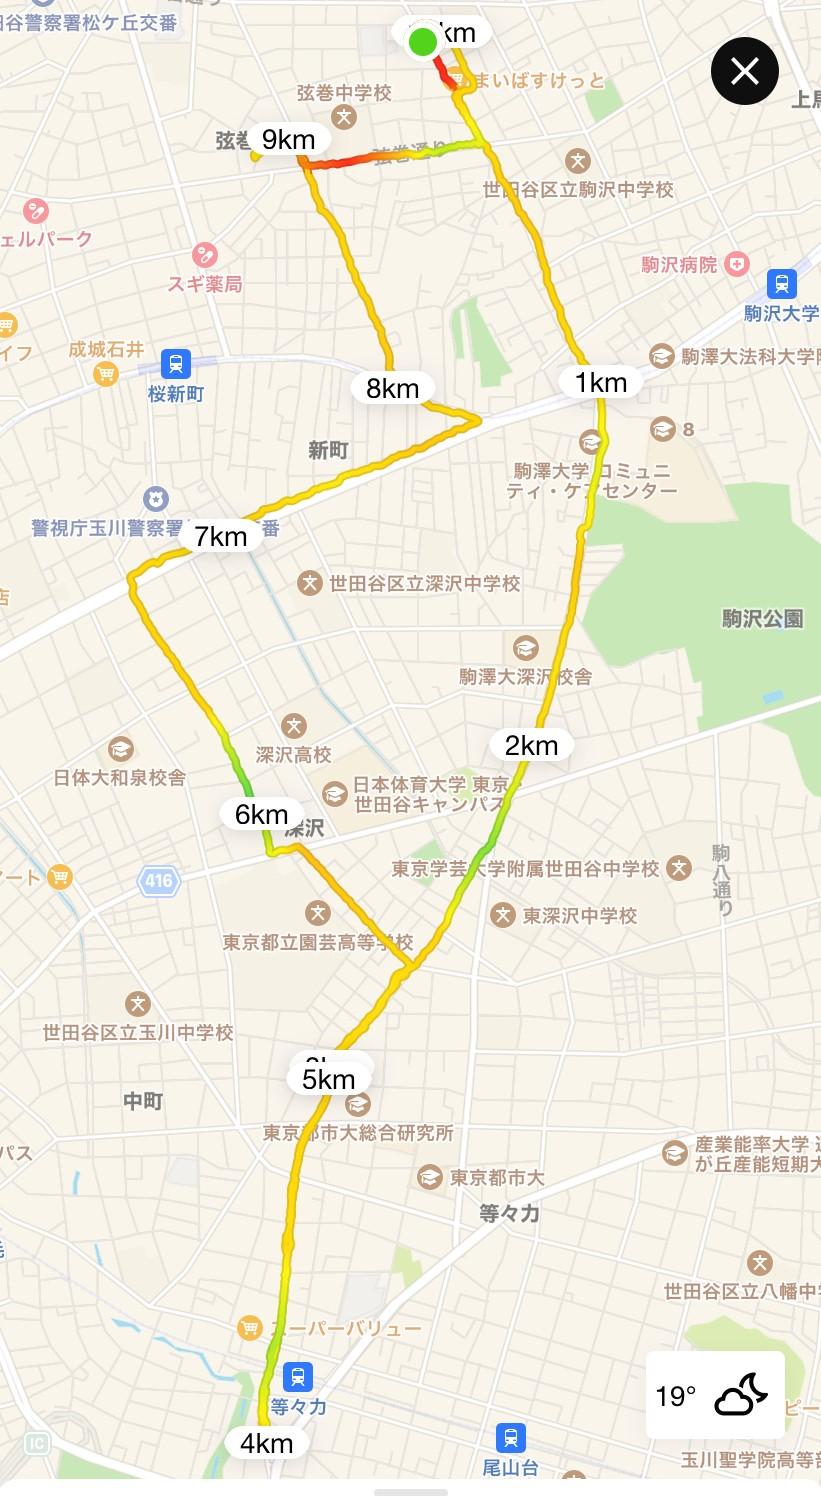 徒歩 5km 1キロは徒歩で何分かかる?自転車や車で移動すると何分でいけるのか【1km】|白丸くん